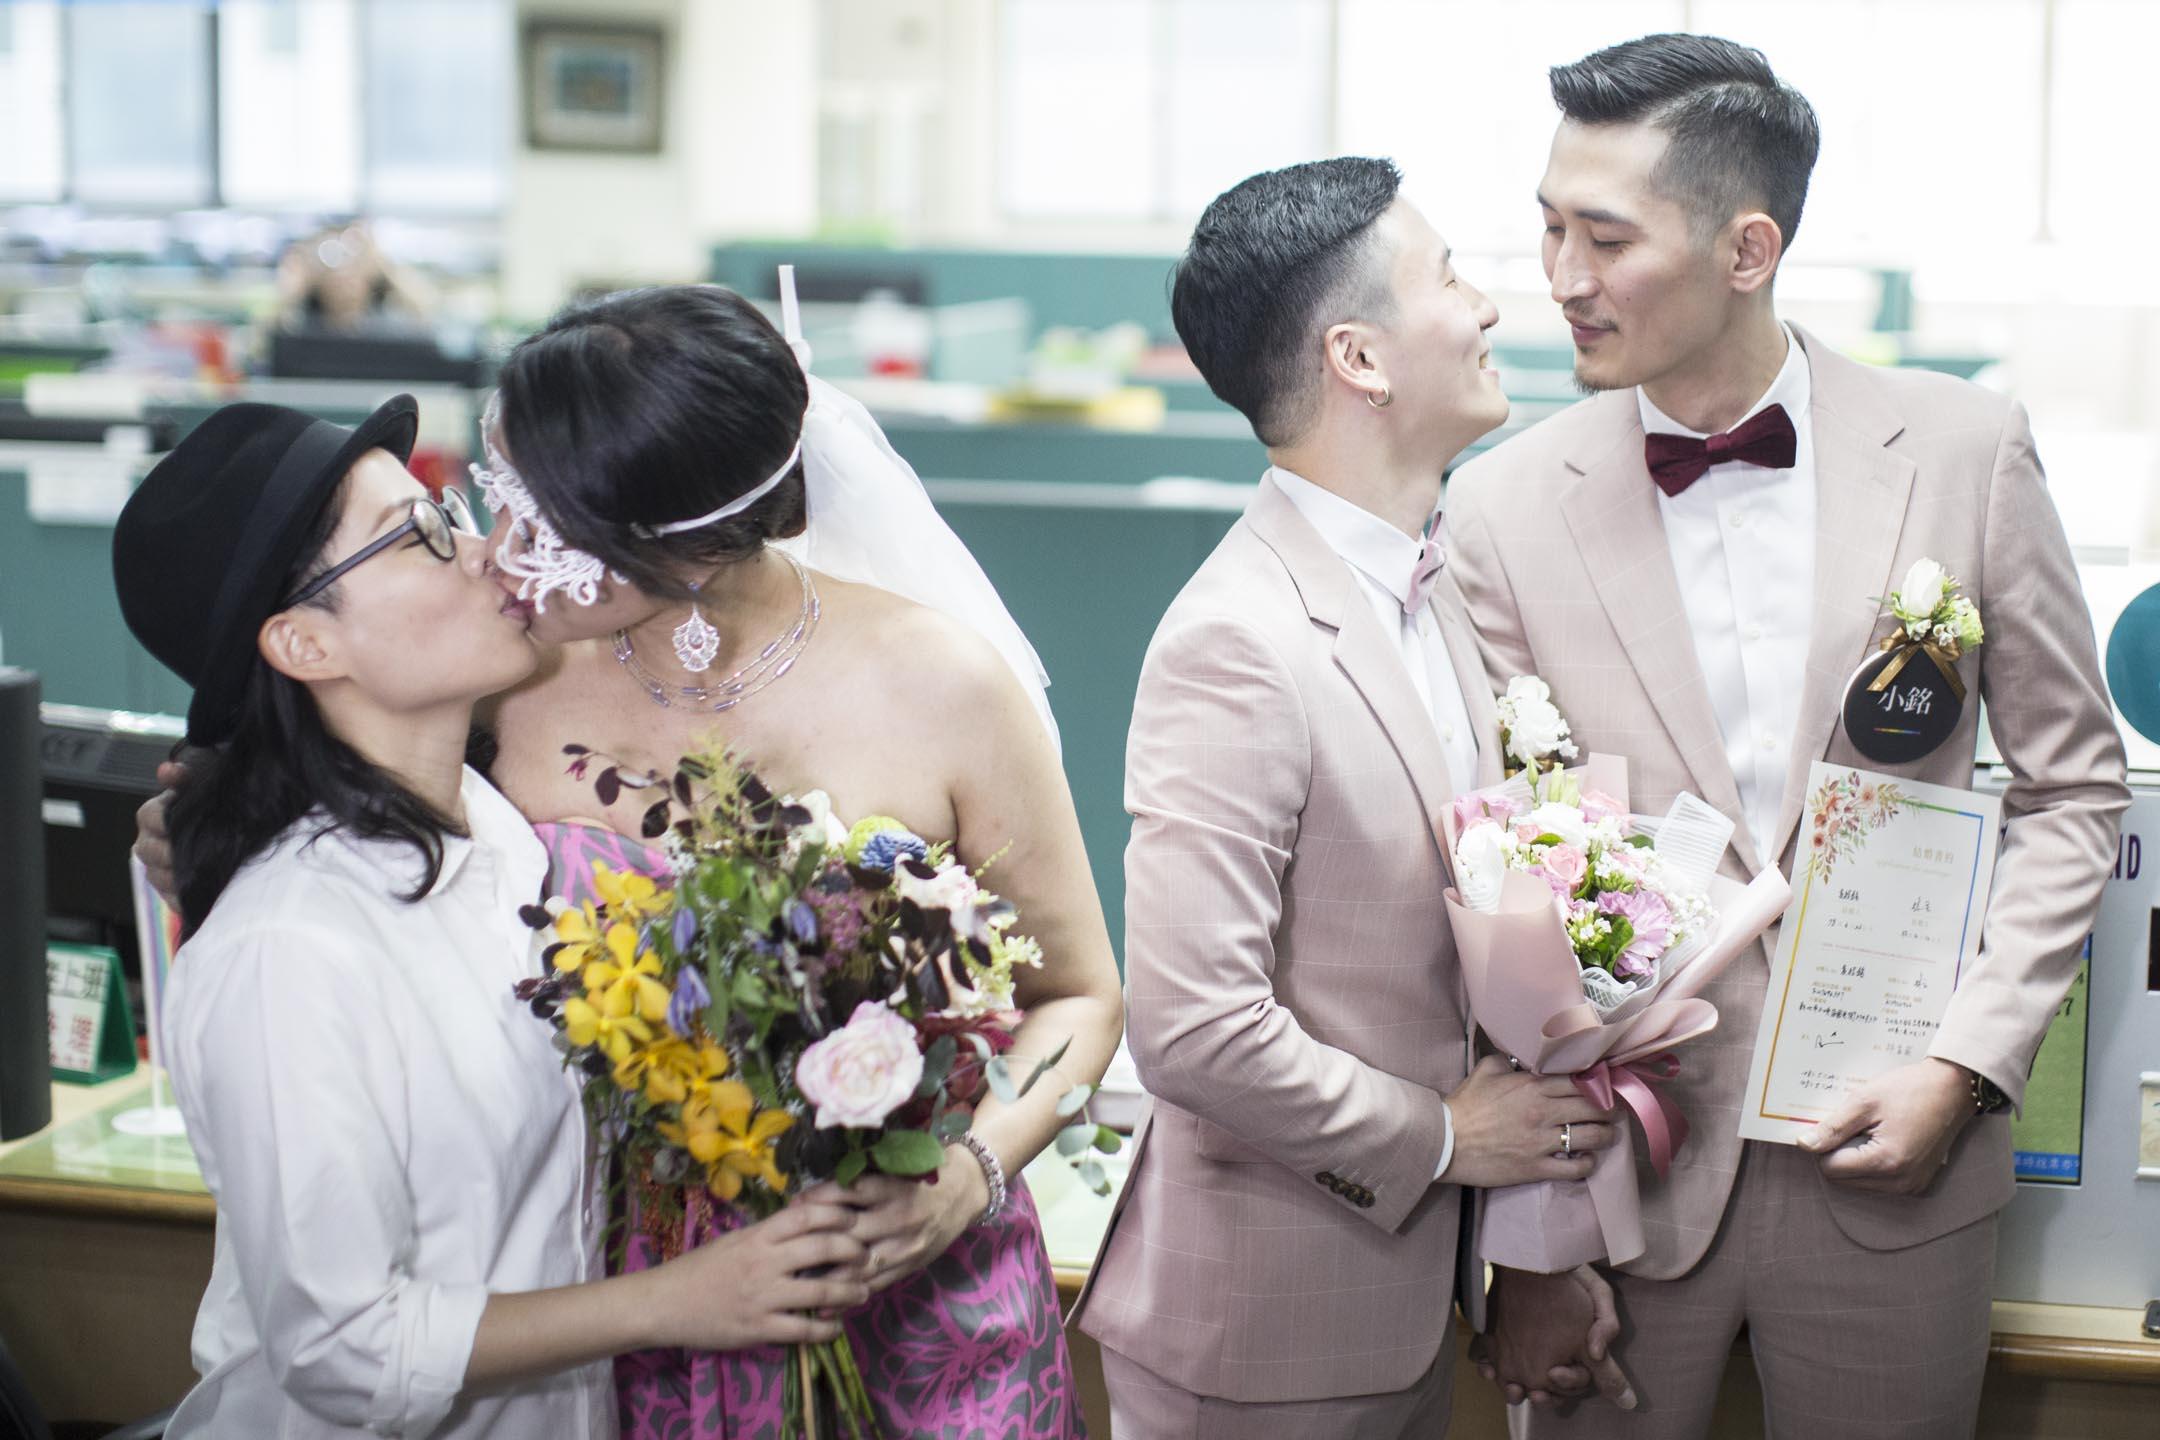 2019年5月24日,是台灣同志婚姻法案生效的首日,不少同志新人一早就來到戶政事務所搶「頭香」依法登記結婚。 攝:林振東/端傳媒